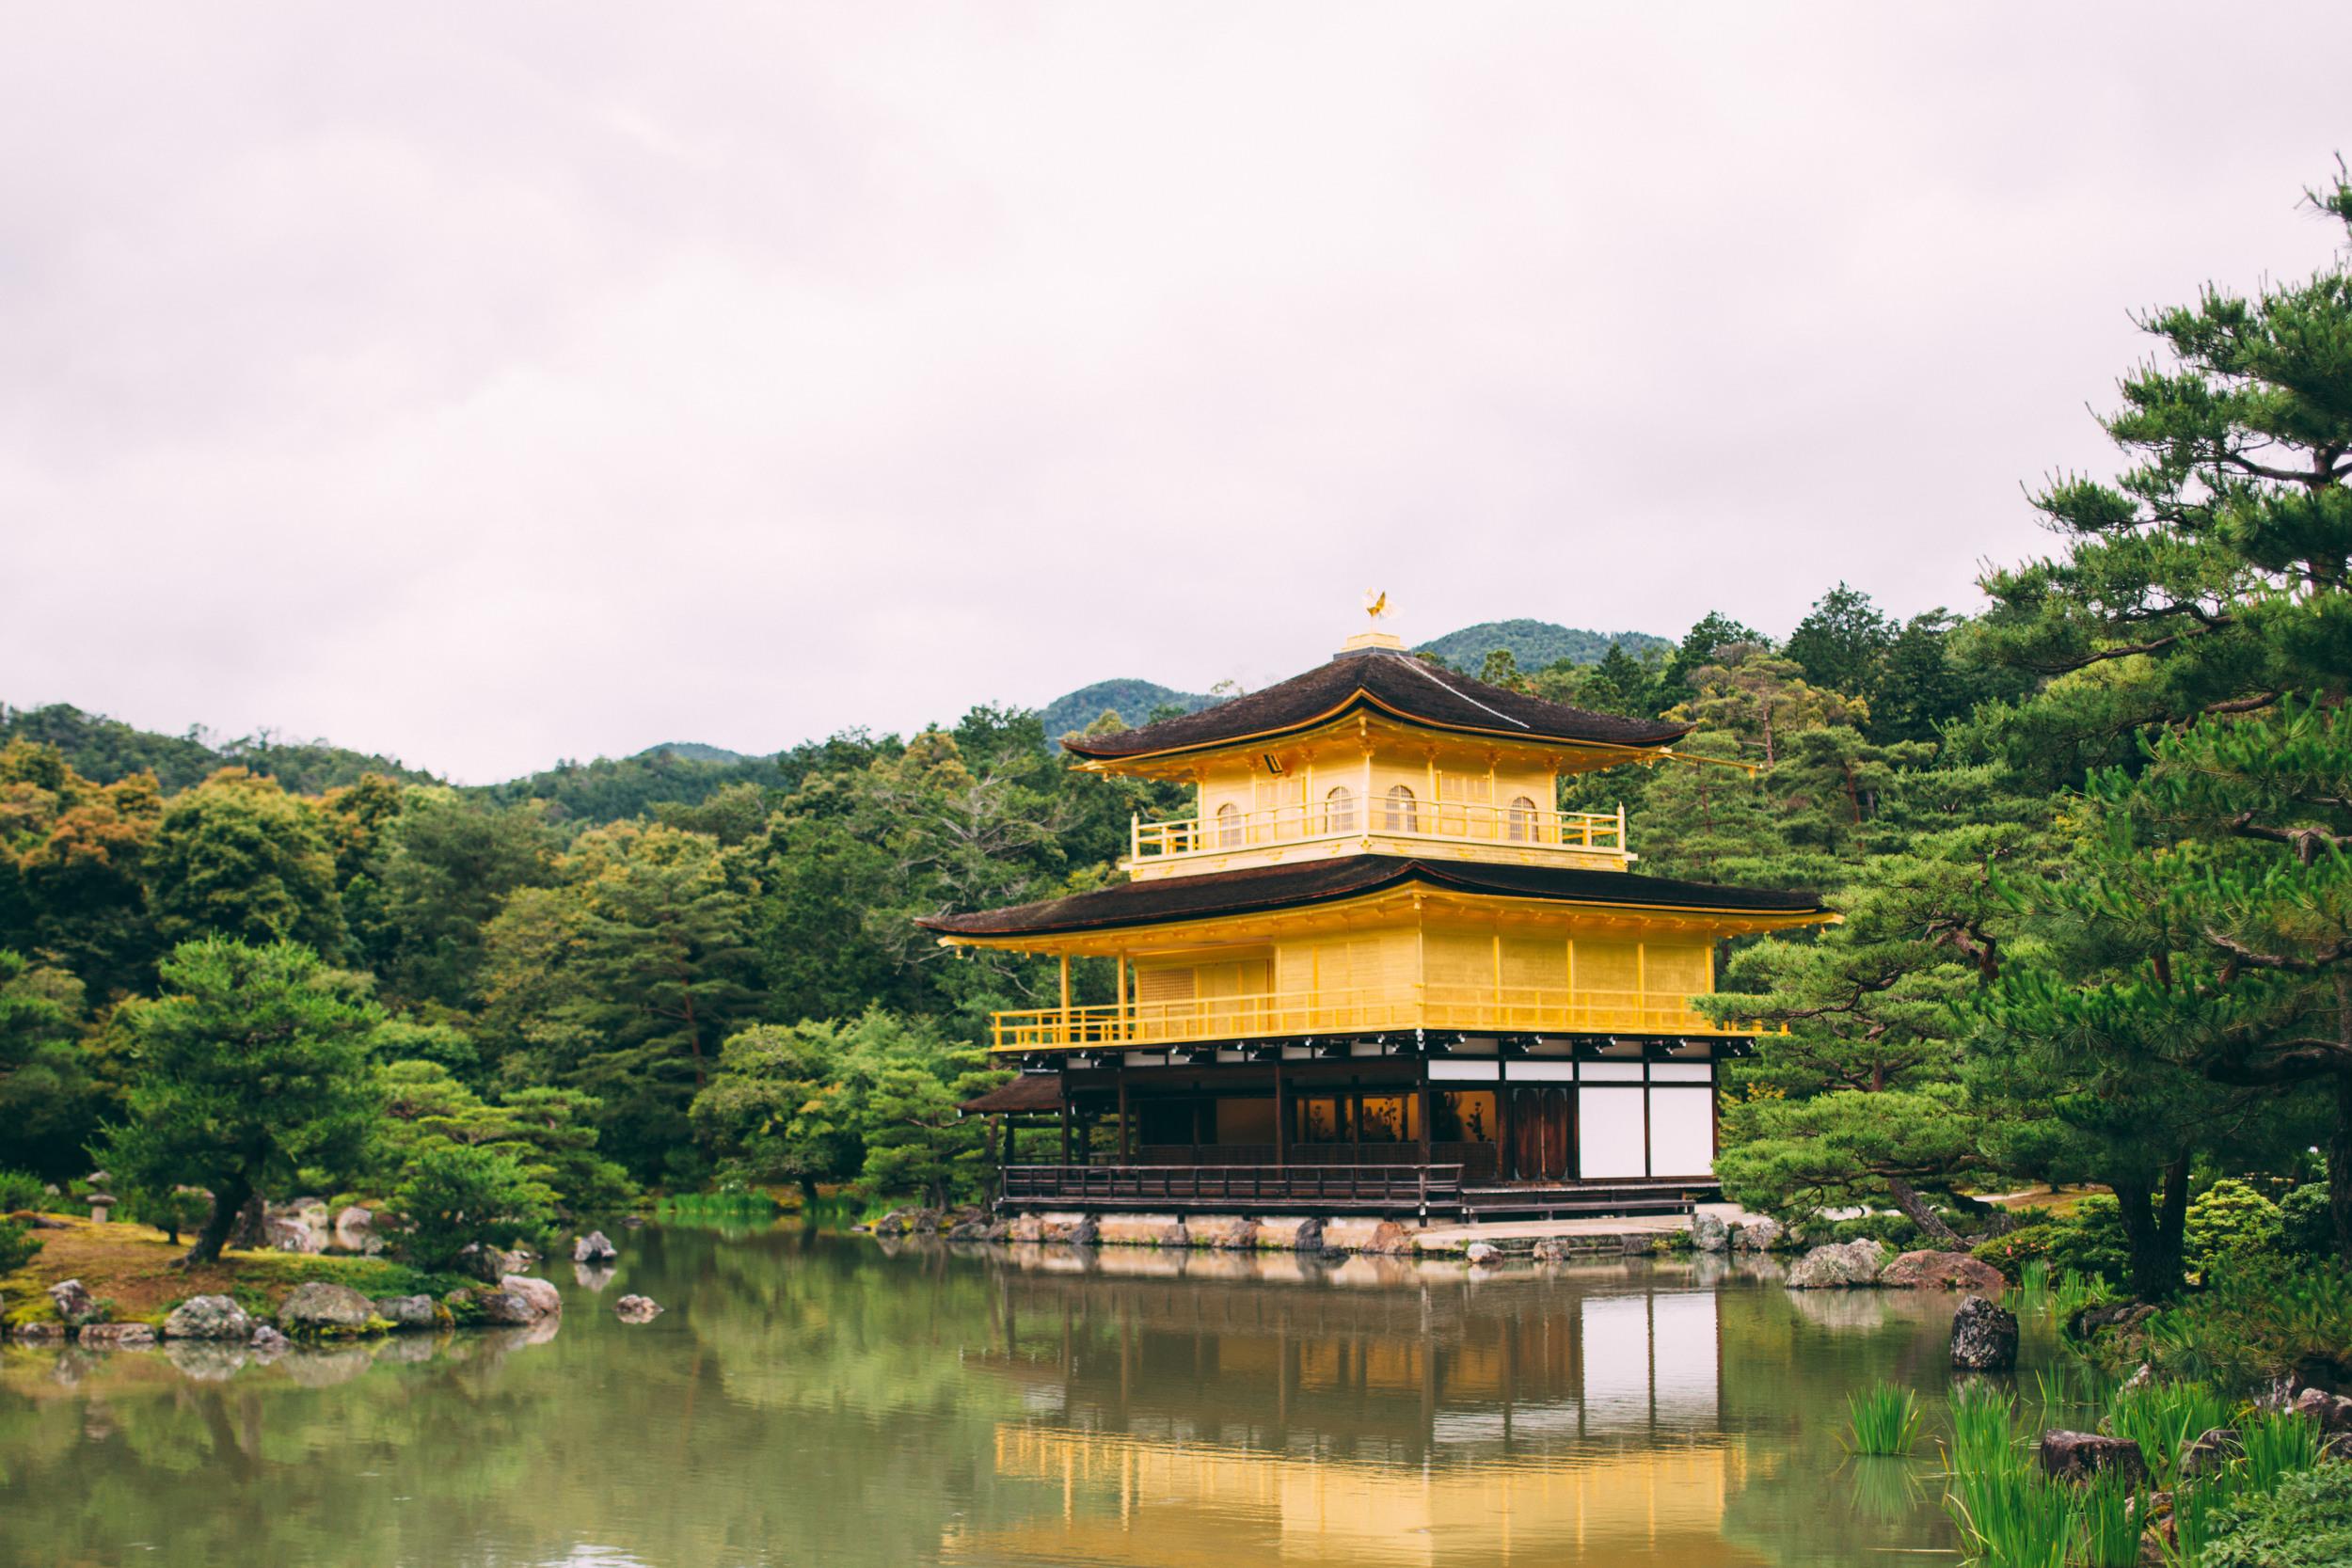 Japan, DC Photography, Dan Chern Photography, Bay Area Photography, Wedding Photography, Travel, Travel Photography, Tokyo, Kyoto, Odaiba, Osaka, Bamboo Grove, Bamboo, Golden Pavillion